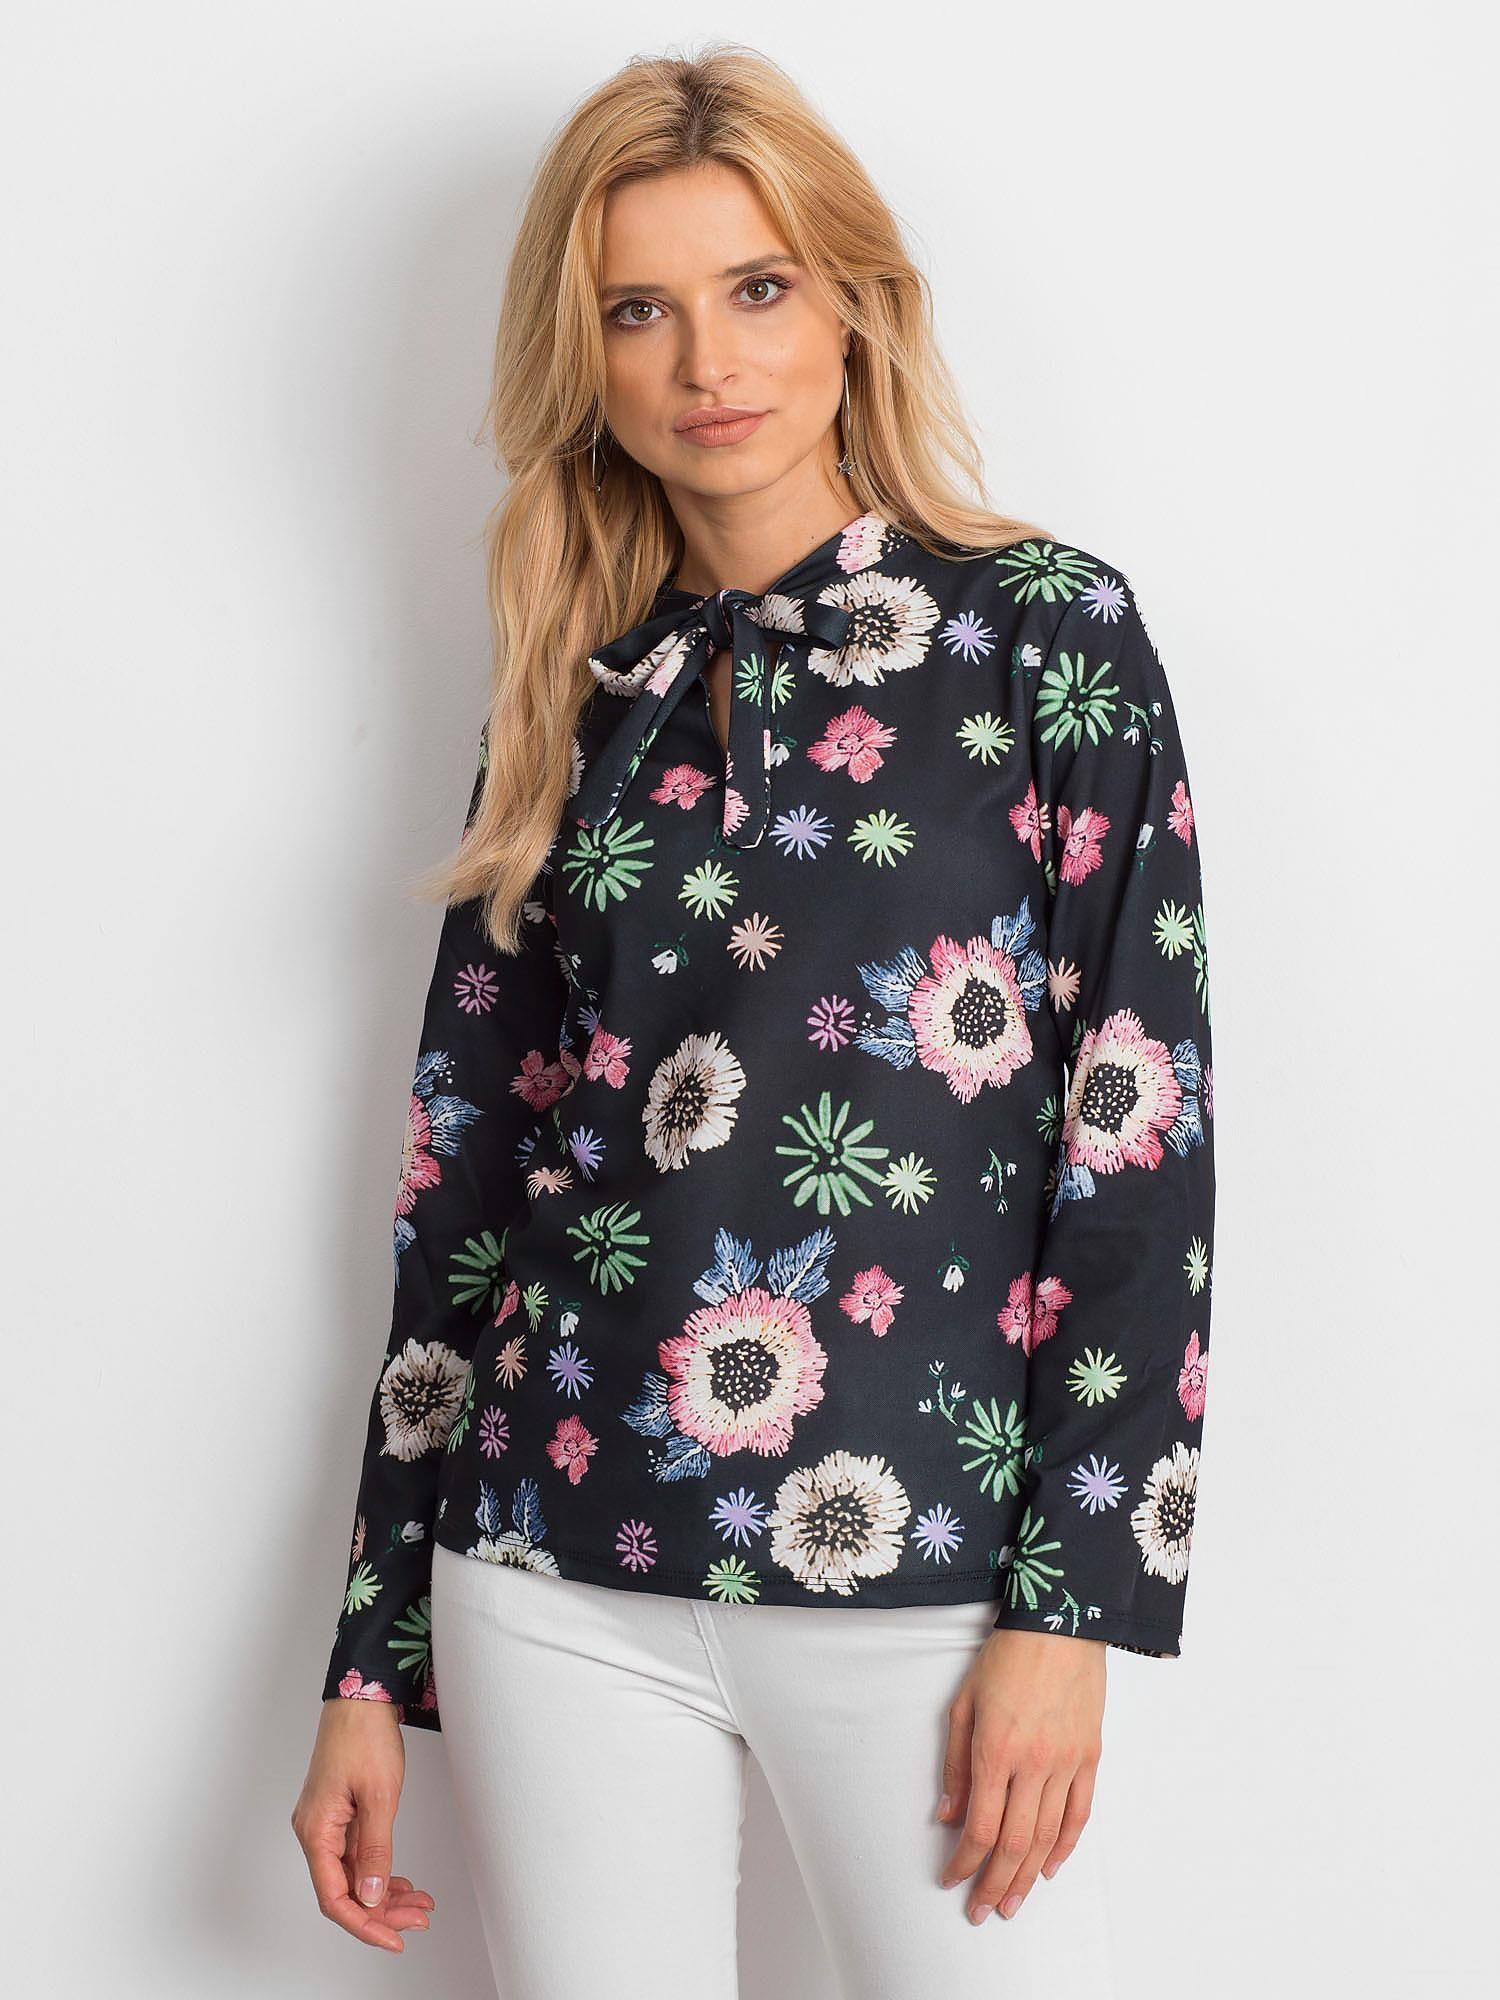 6f1a0626b61d Czarna bluzka w kolorowe kwiaty z wiązaniem - Bluzka one size ...